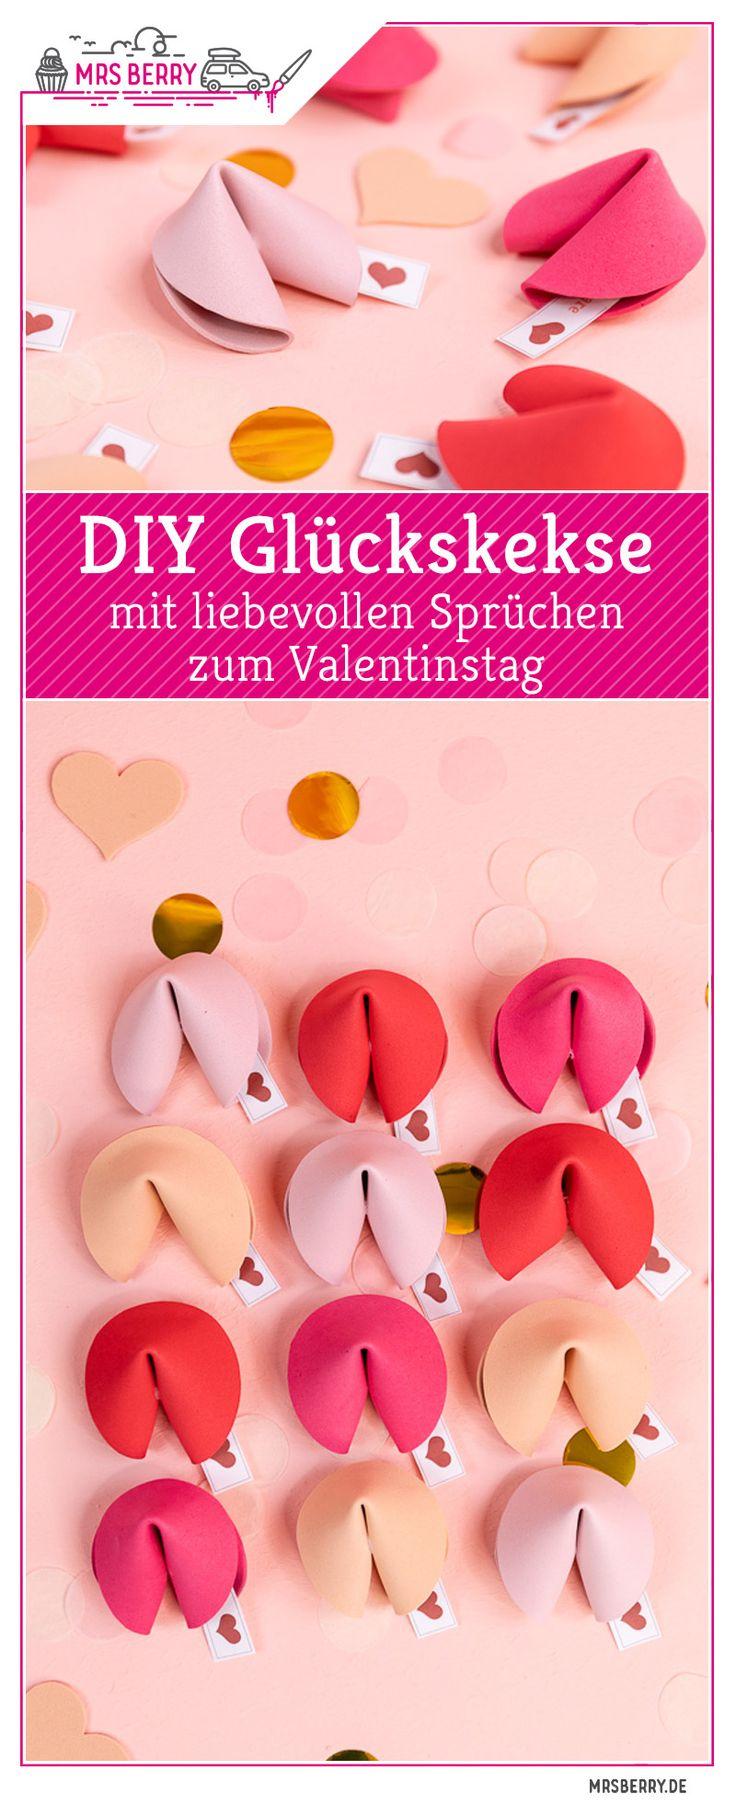 DIY Glückskekse basteln – Geschenkidee zum Valentinstag